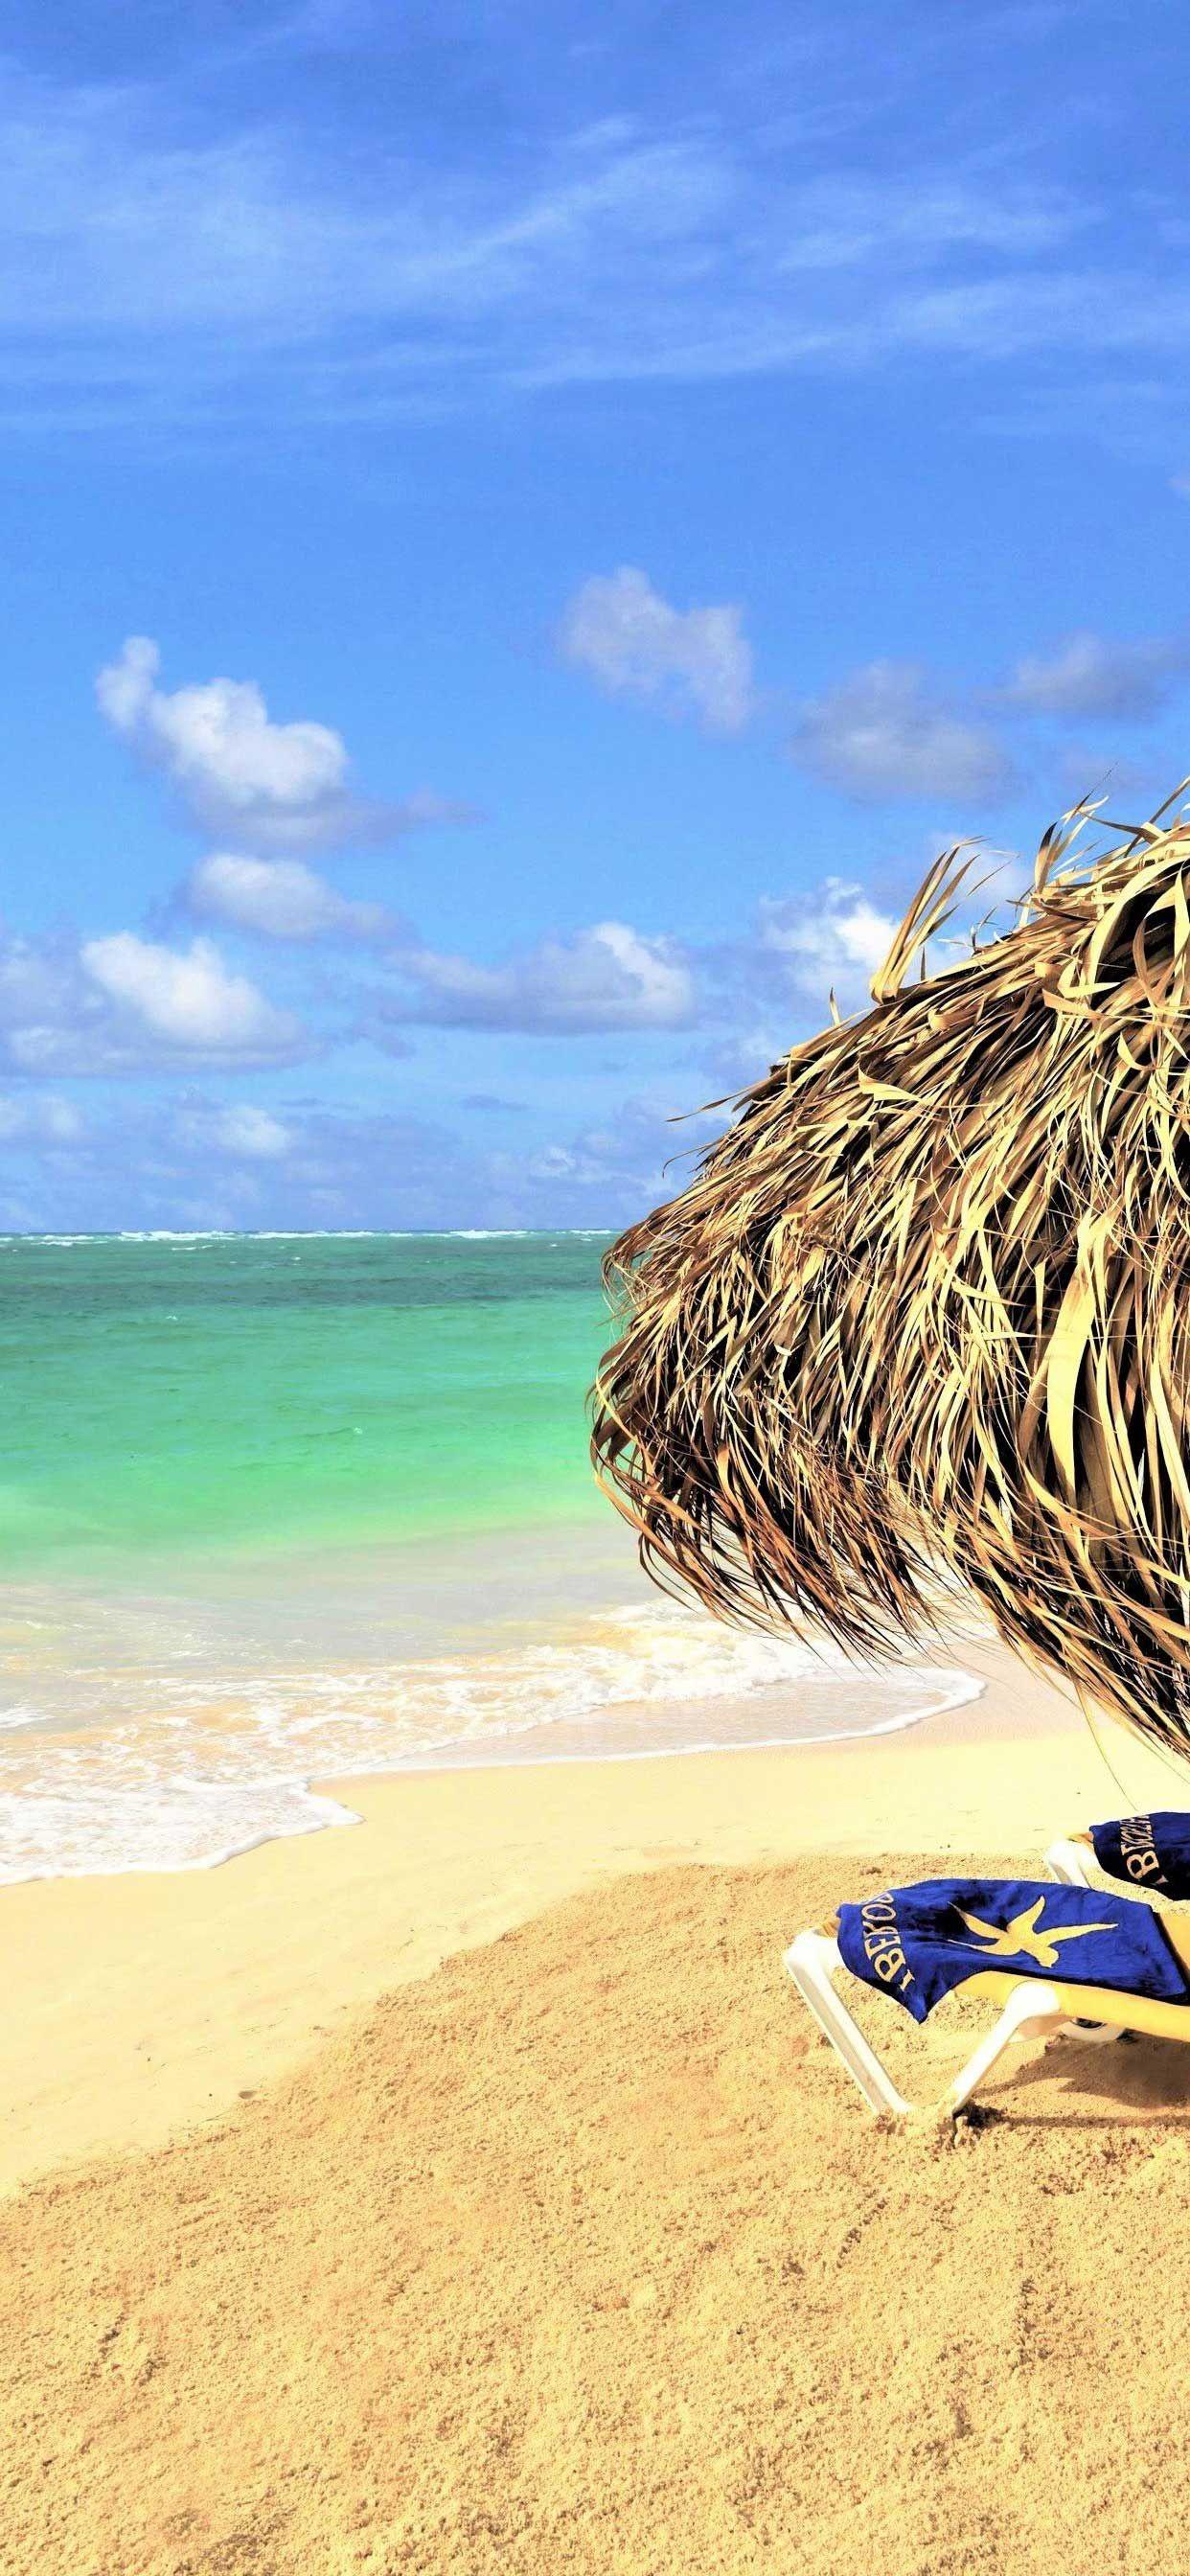 Iphone Wallpaper Beach In Jamaica K Ultra Hd Wallpaper Background Image Hd Beach Wallpaper Iphone Background Images Hd Background Images